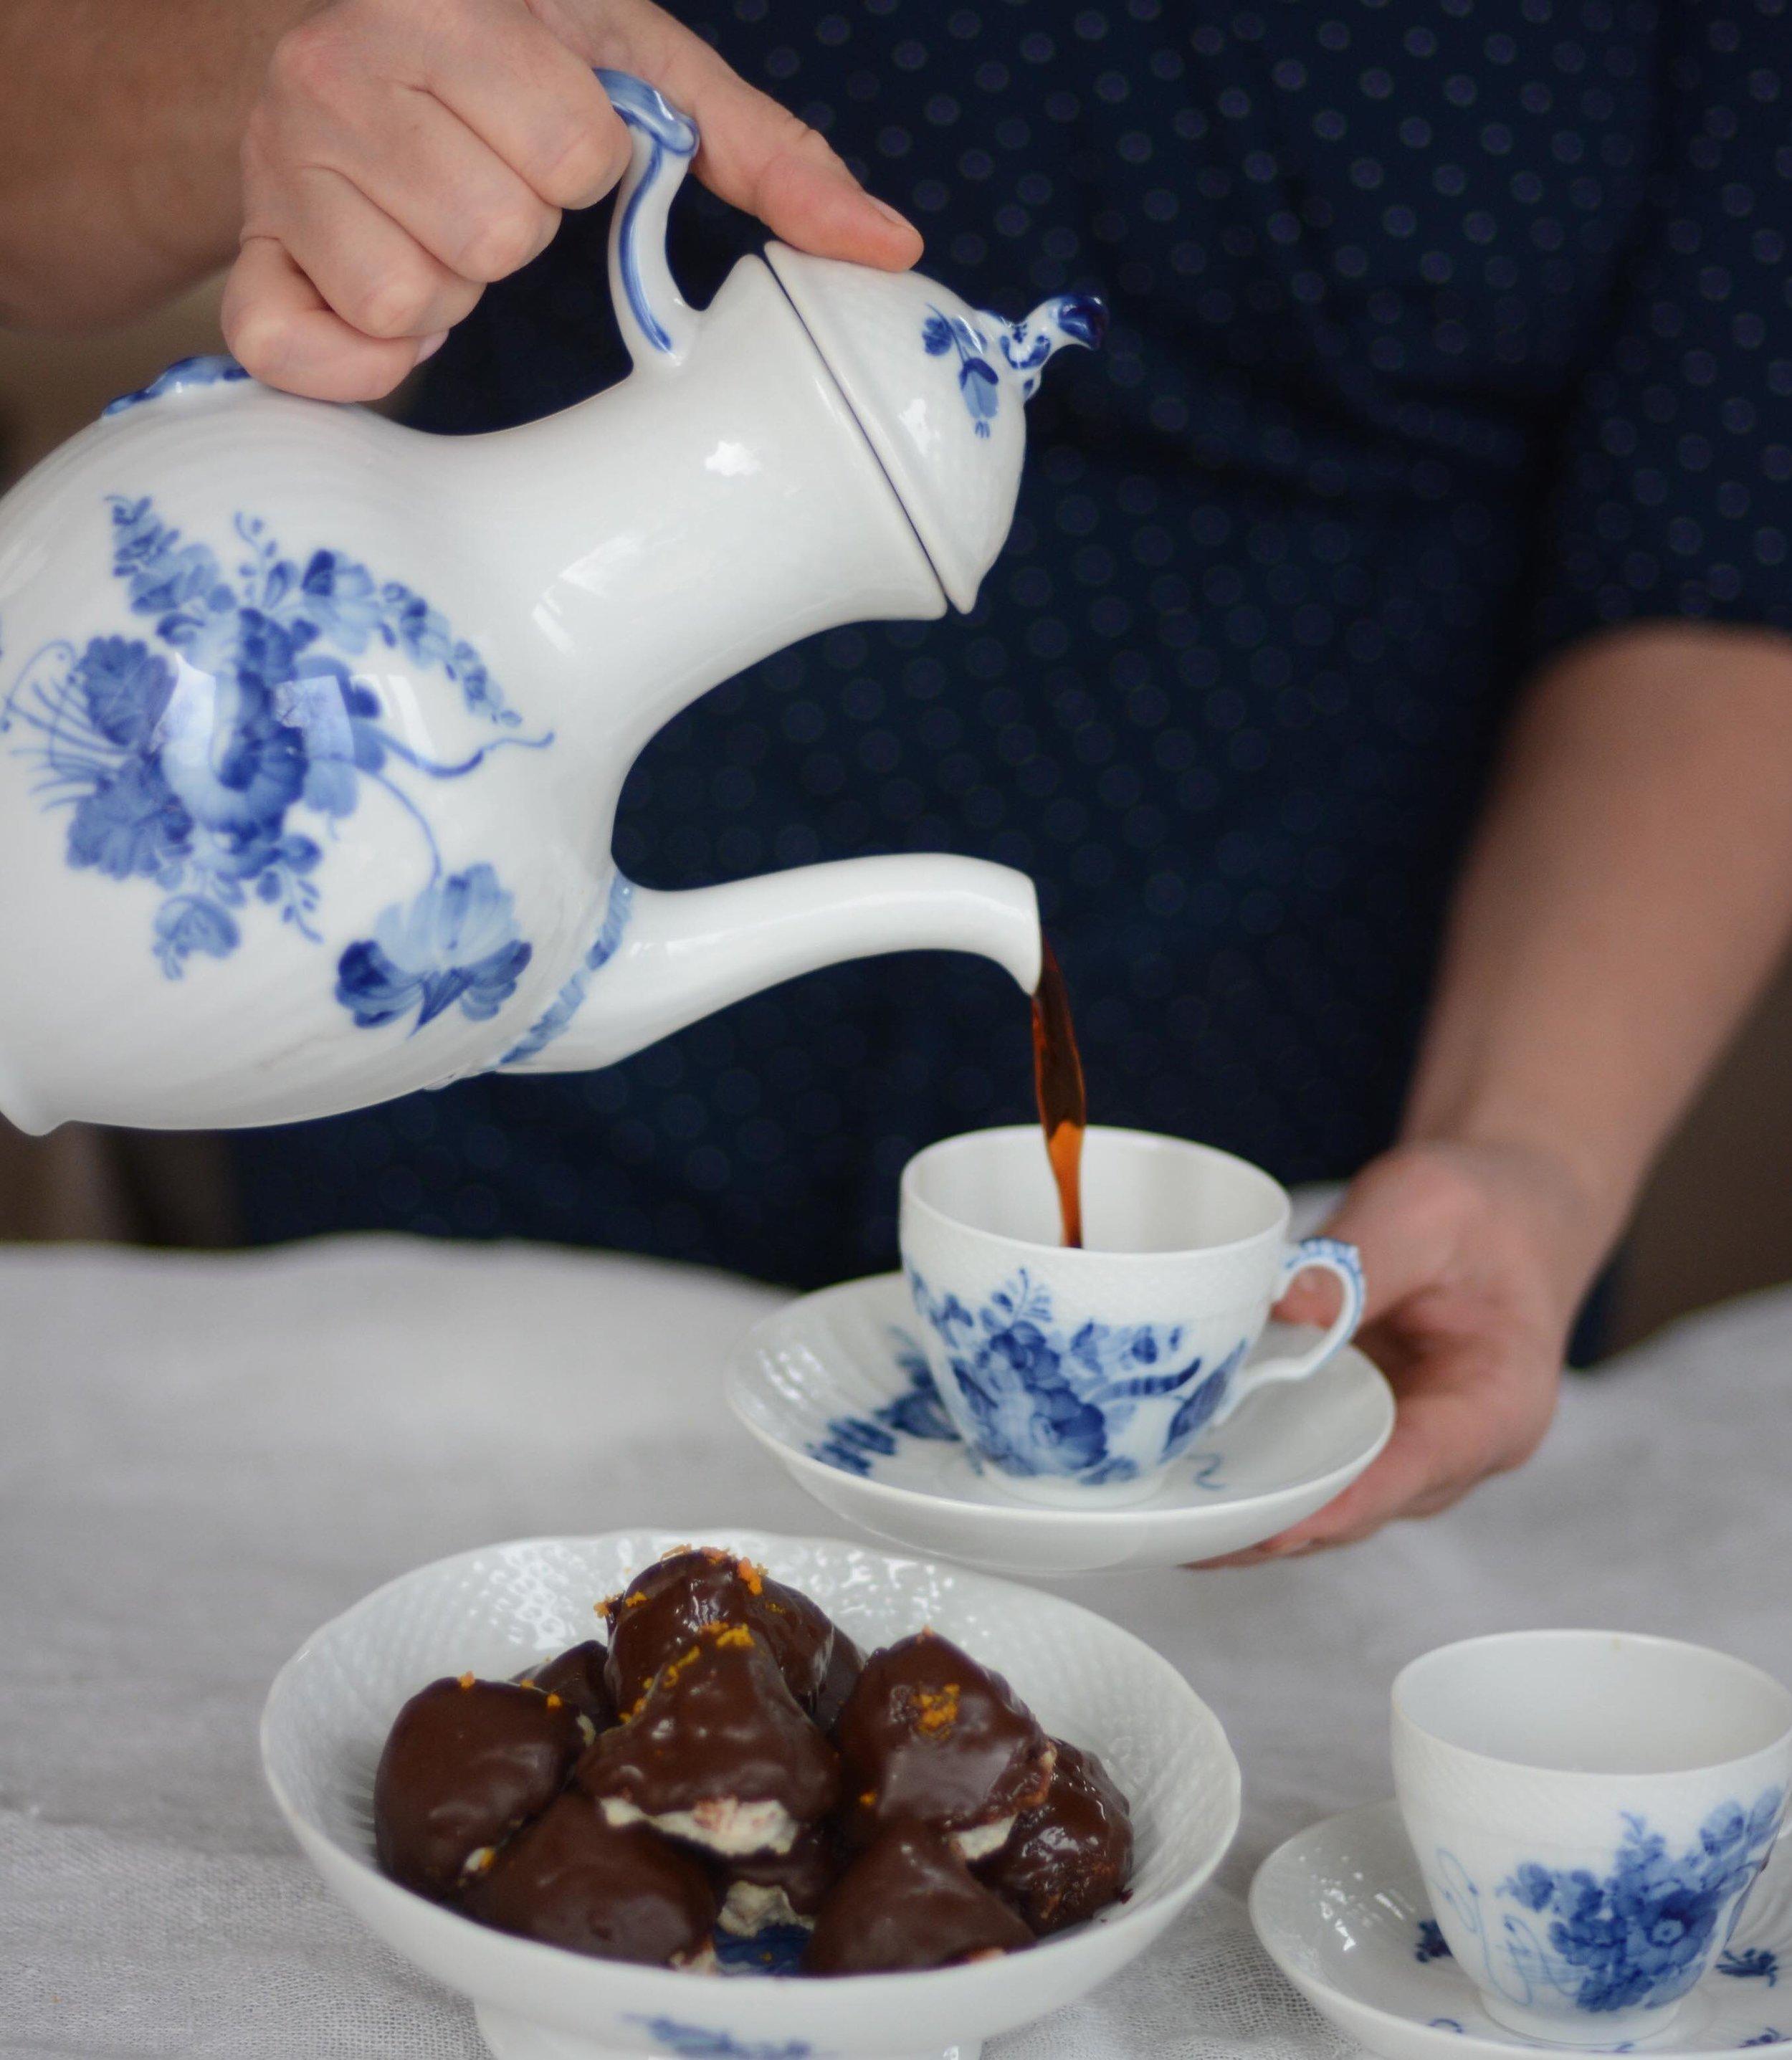 """Chokladbiskvier är en riktig favorit till kaffet tycker jag. Eftersom jag älskar smörkräm och choklad så kan jag ibland längta efter dessa godingar.  Oftast brukar jag göra dessa små och frysa in. Det är enkelt att """"råka"""" gå förbi frysen och ta en när man är riktigt sugen men bäst är ändå till fikastunden tycker jag.  Chokladbiskvier  ca 20 st små  Botten  200 g mandelmassa  1 äggvita     chokladfyllning  150 g mörk choklad  1 msk smör  3/4 dl vispgrädde  Garnering  200 g mörk choklad till doppning     Värm upp ugnen till 175 grader  Lägg bakplåtspapper på en ugnsplåt  Riv mandelmassan  Vispa äggvitan lätt och blanda men den rivna mandelmassan  Klicka ut små bottnar på plåten och platta till lite  Grädda i ugn i 10-12 minuter  Ta bort dem från bakplåtspappret medan de är varma  Låt svalna     Hacka chokladen och lägg i en skål  smält chokladen i micro, 30 sekunder x 3. Ta ut och rör om mellan varje gång  Koka upp smör och grädde och häll över den smälta chokladen  Låt fyllningen stå i kylskåp en stund så att den blir lite fast  Bred på den lite toppigt, på kakorna  Ställ i kyl 1 timme  Hacka chokladen till doppningen och lägg i en skål  smält chokladen i micro, 30 sekunder x 3. Ta ut och rör om mellan varje gång  Doppa sedan kakorna i chokladen så att fyllningen täcks  Njut!"""